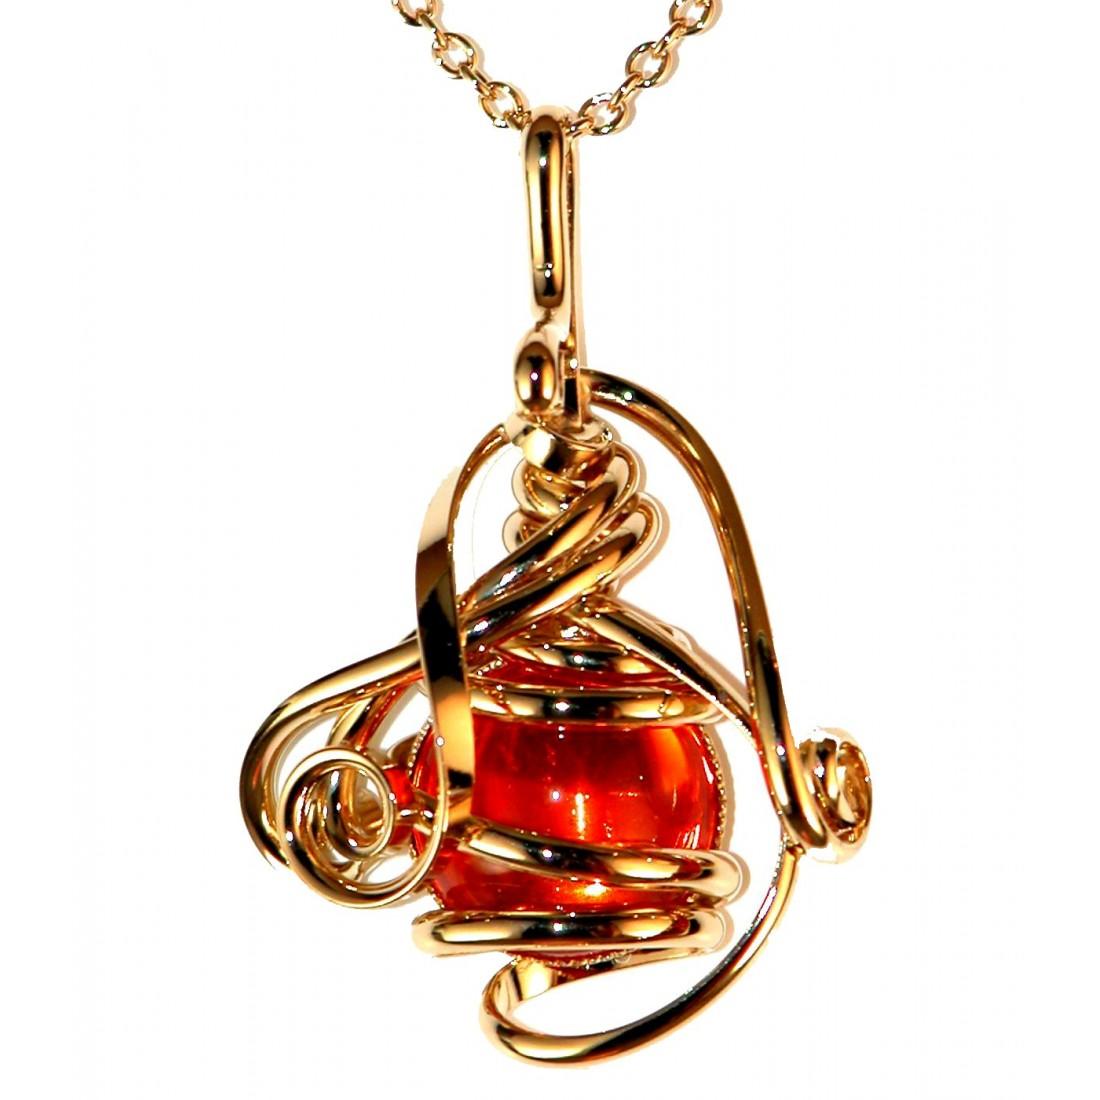 Petit pendentif or et orange-bijou fait main